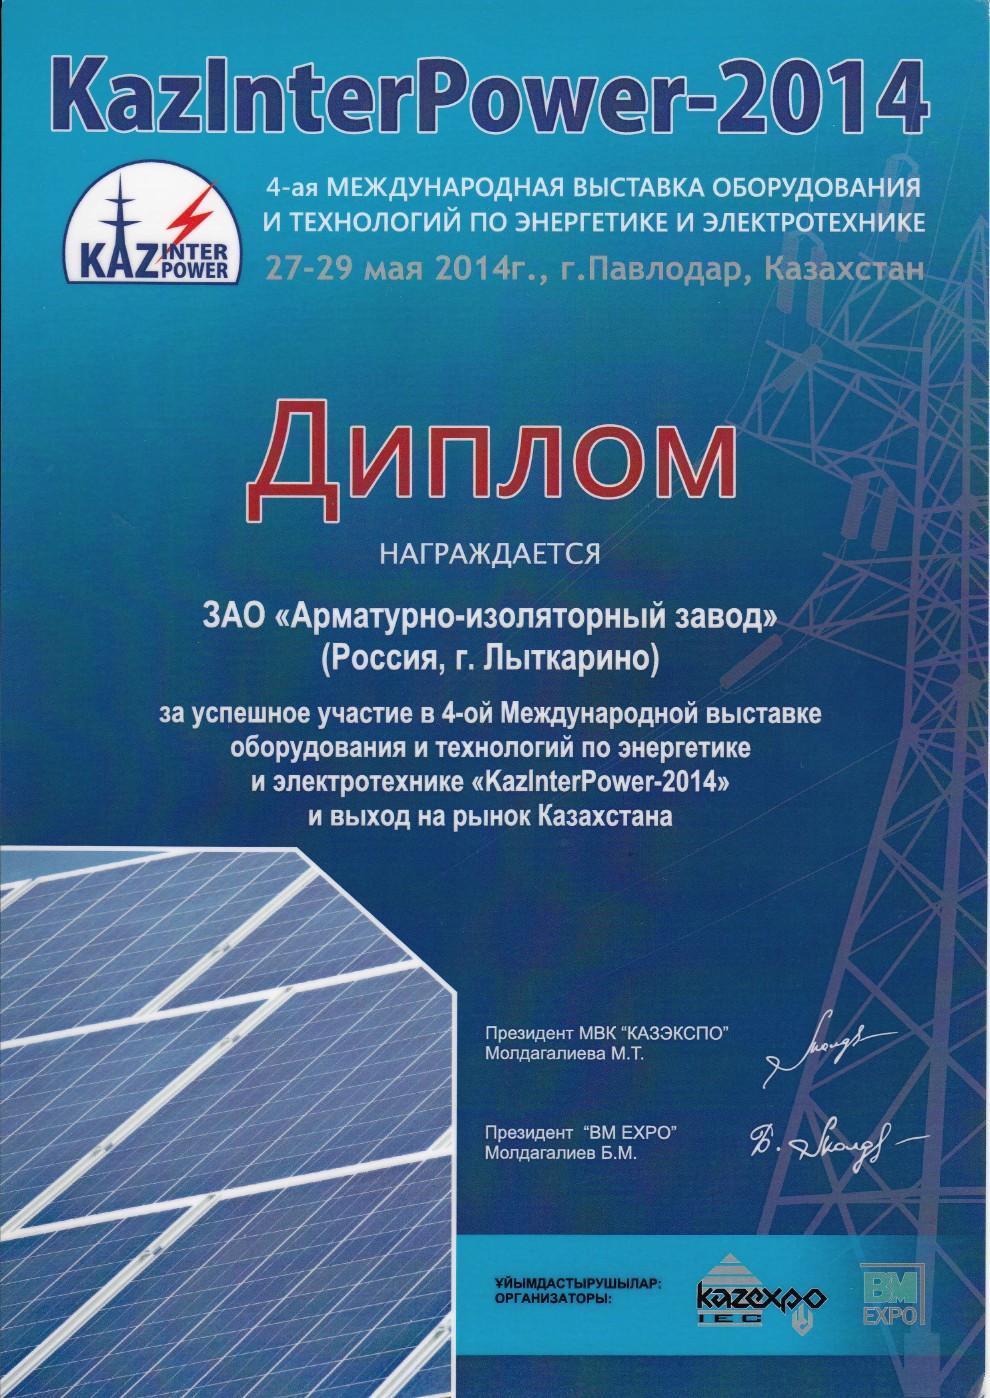 АИЗ Московская область г Лыткарино  4 международная выставка оборудования и технологий по энергетике и электротехнике г Павлодар Казахстан